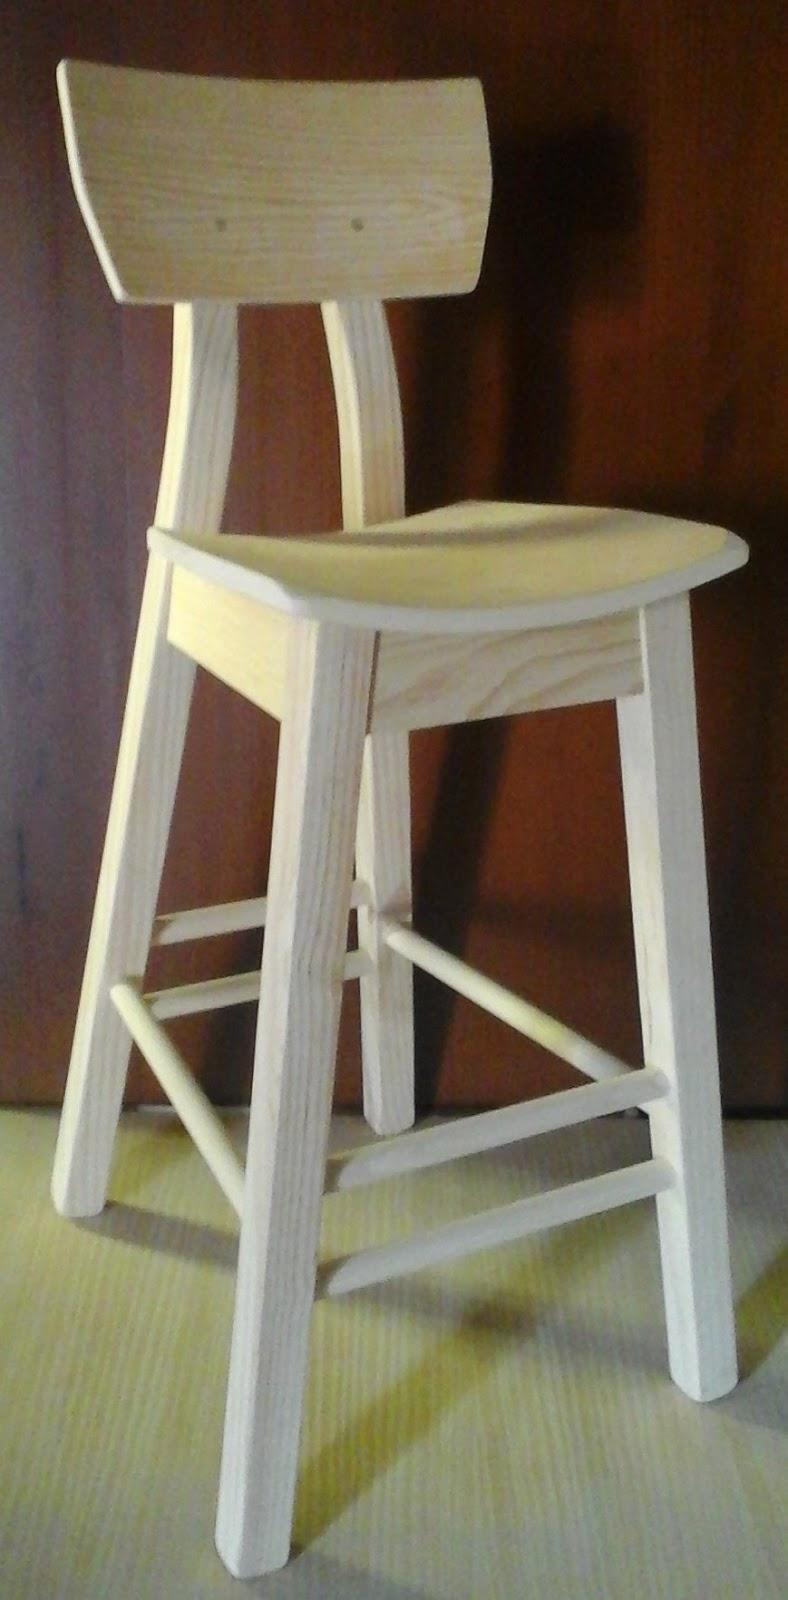 Fabrica de sillas de madera pauli sillas y mesas de - Butacas para bar ...